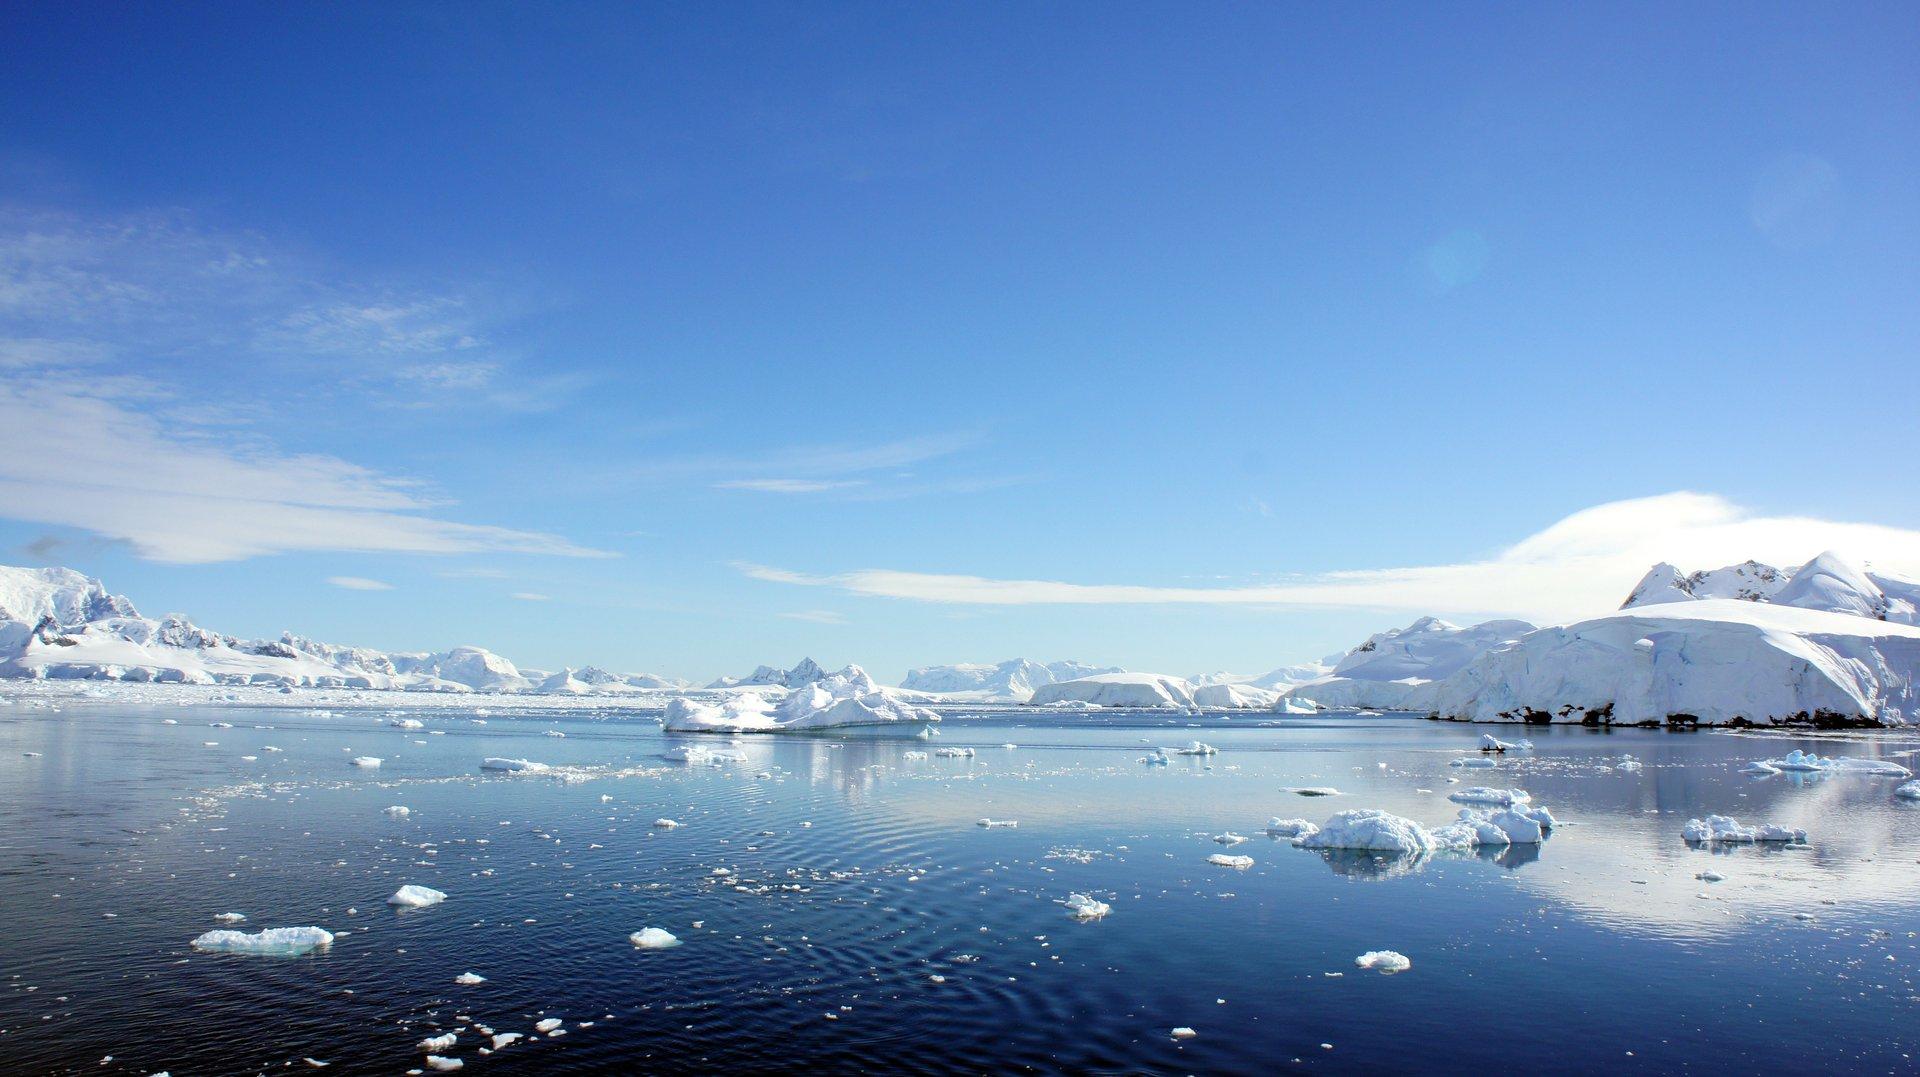 同程首页 出境游 美洲旅游 美洲跟团游 南极半岛-穿越南极圈 阿根廷